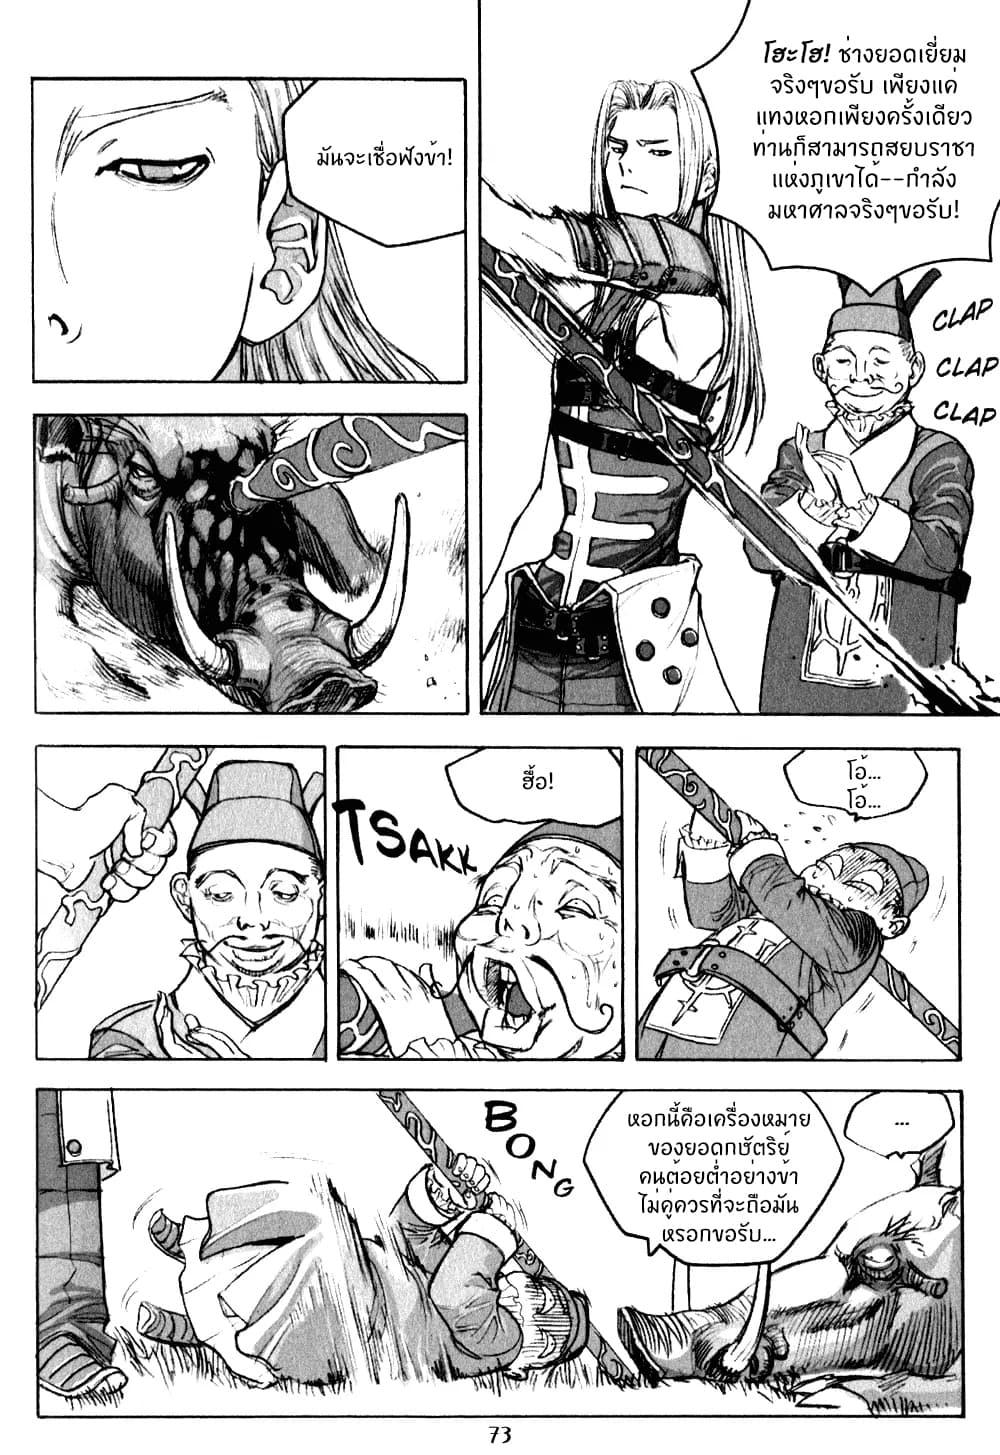 อ่านการ์ตูน Chunchu The Genocide Fiend ตอนที่ 3 หน้าที่ 13